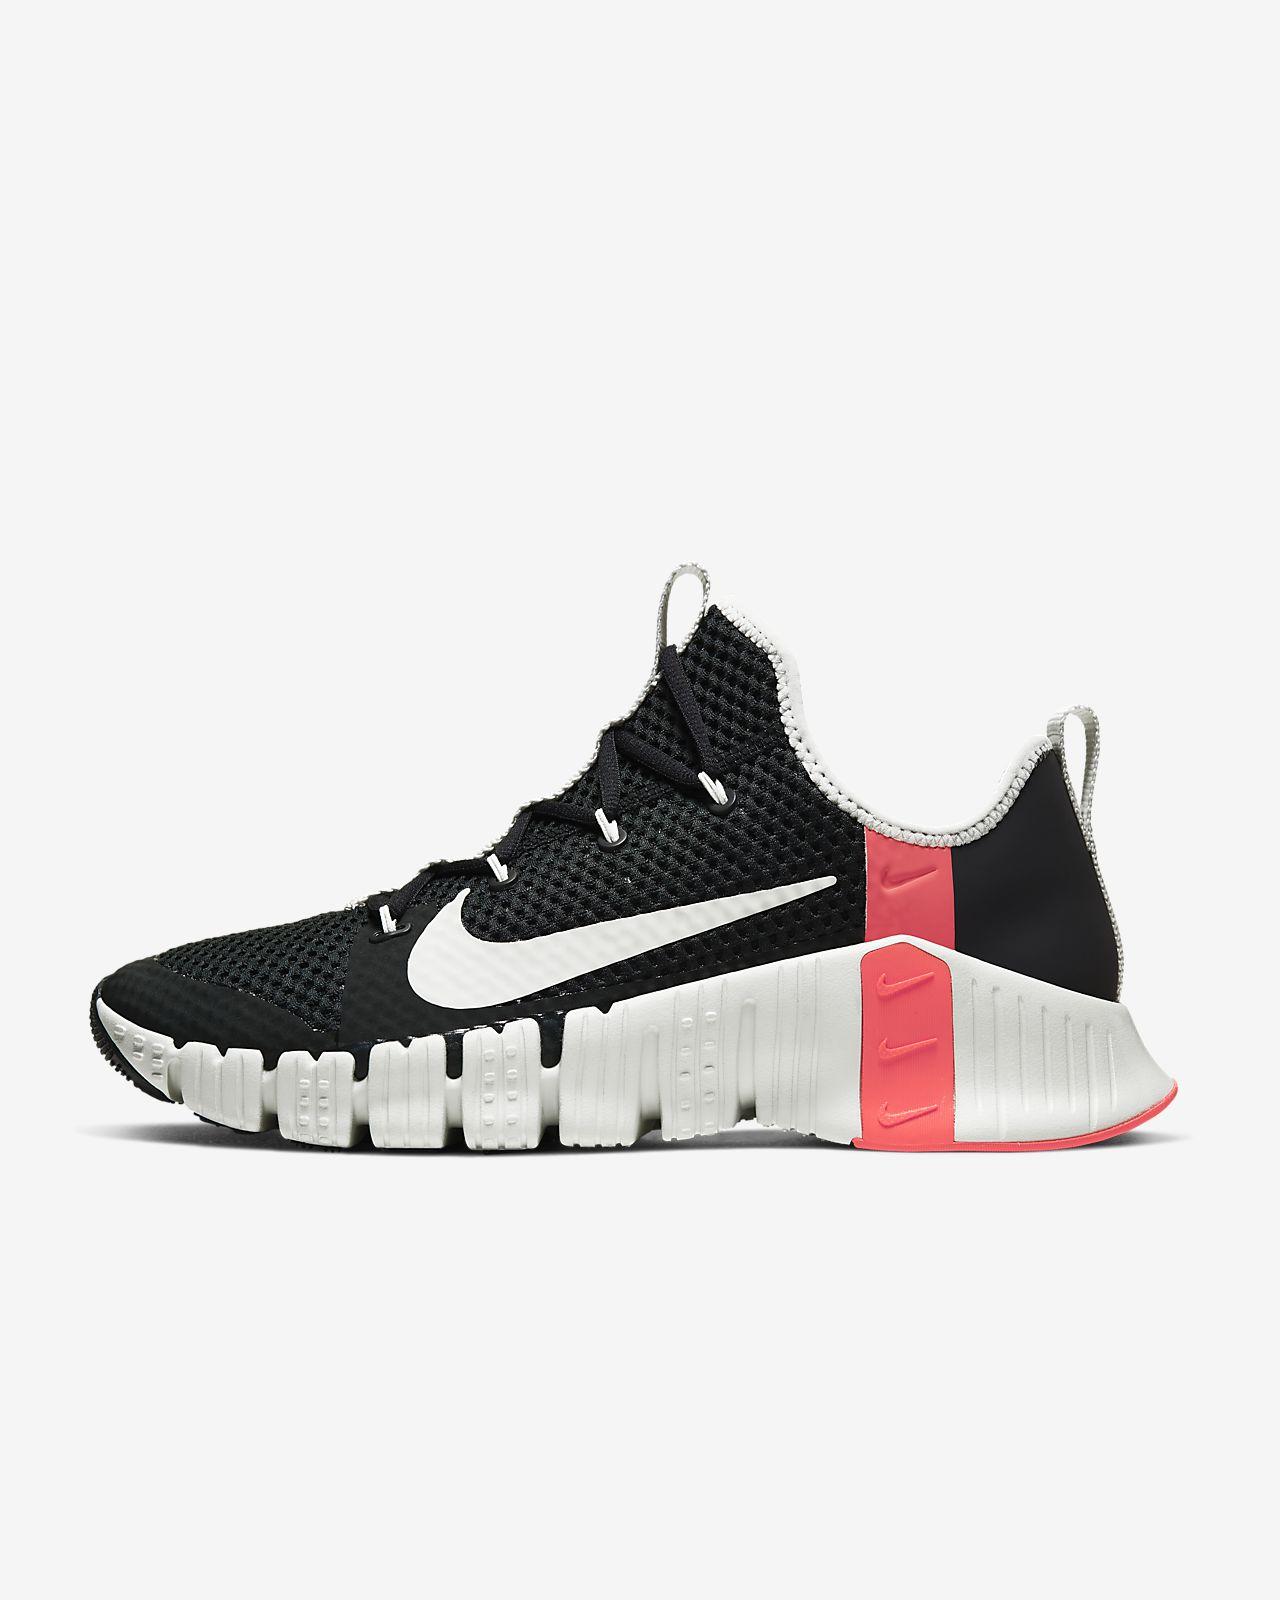 รองเท้าเทรนนิ่ง Nike Free Metcon 3